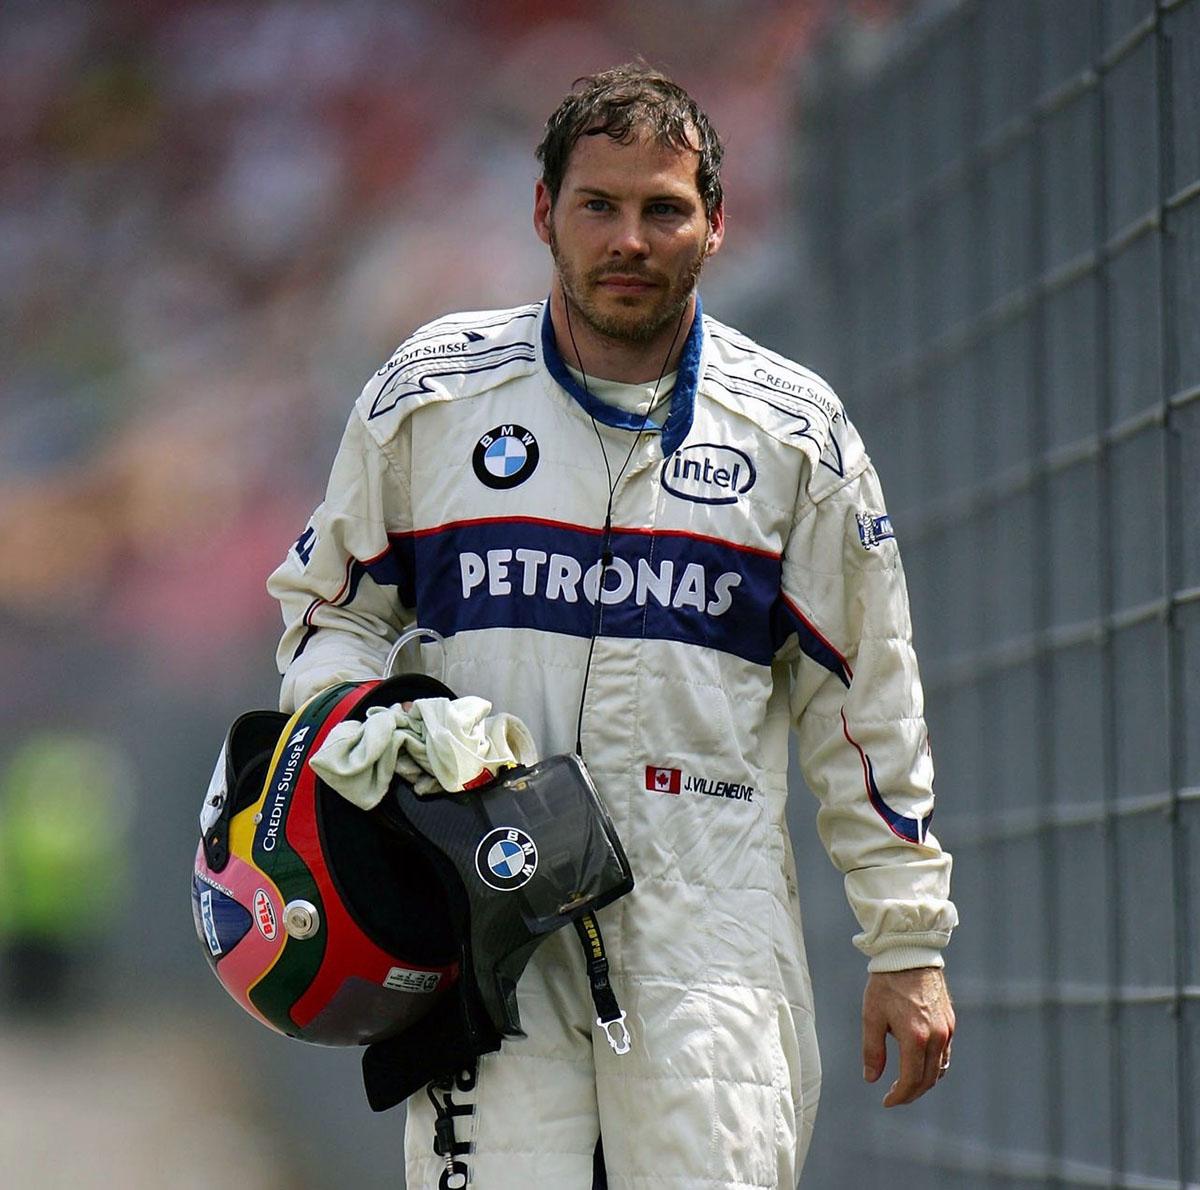 2006-Jacques-Villeneuve-Signed-Race-Used